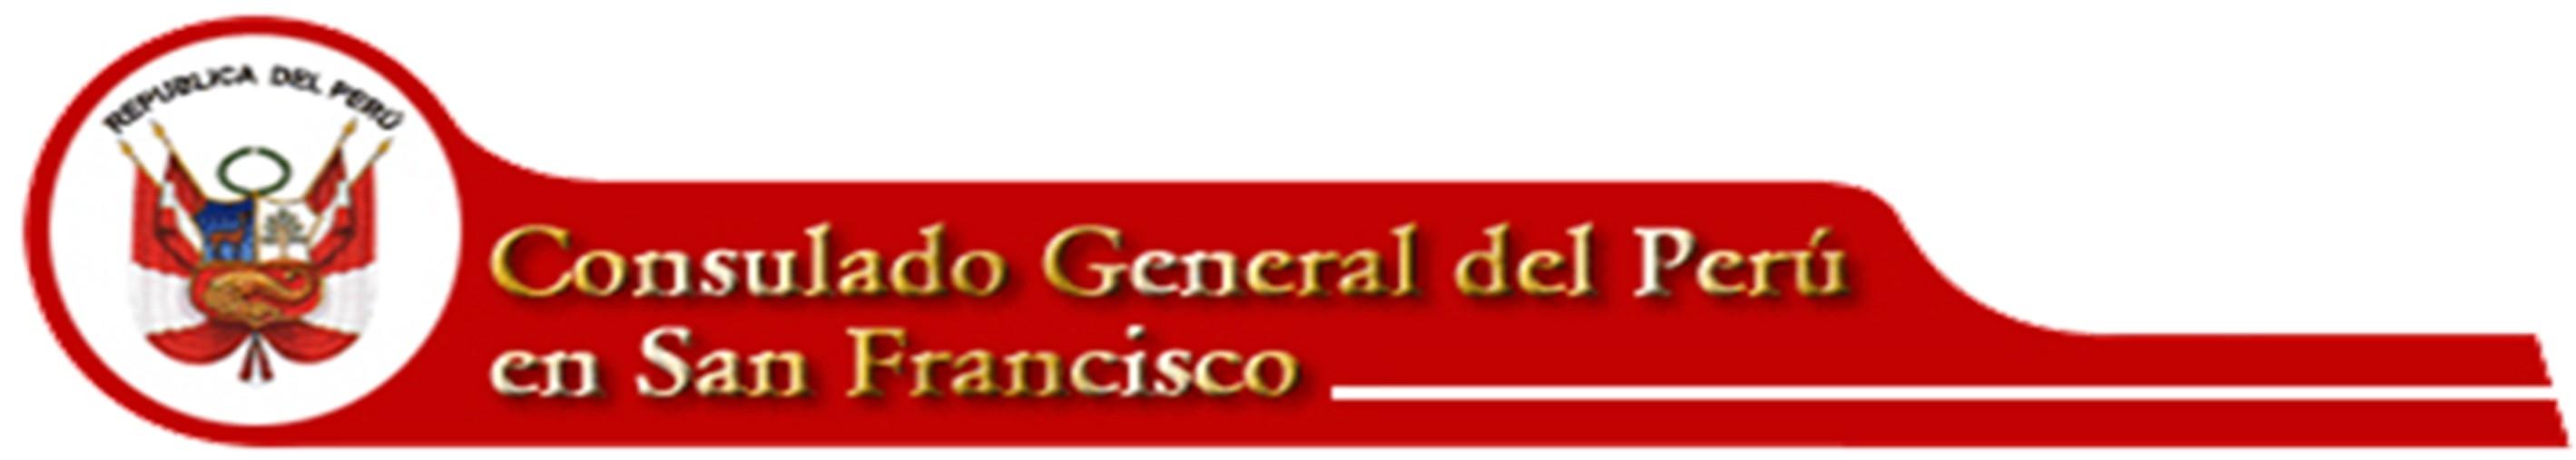 logo_consulado.JPG